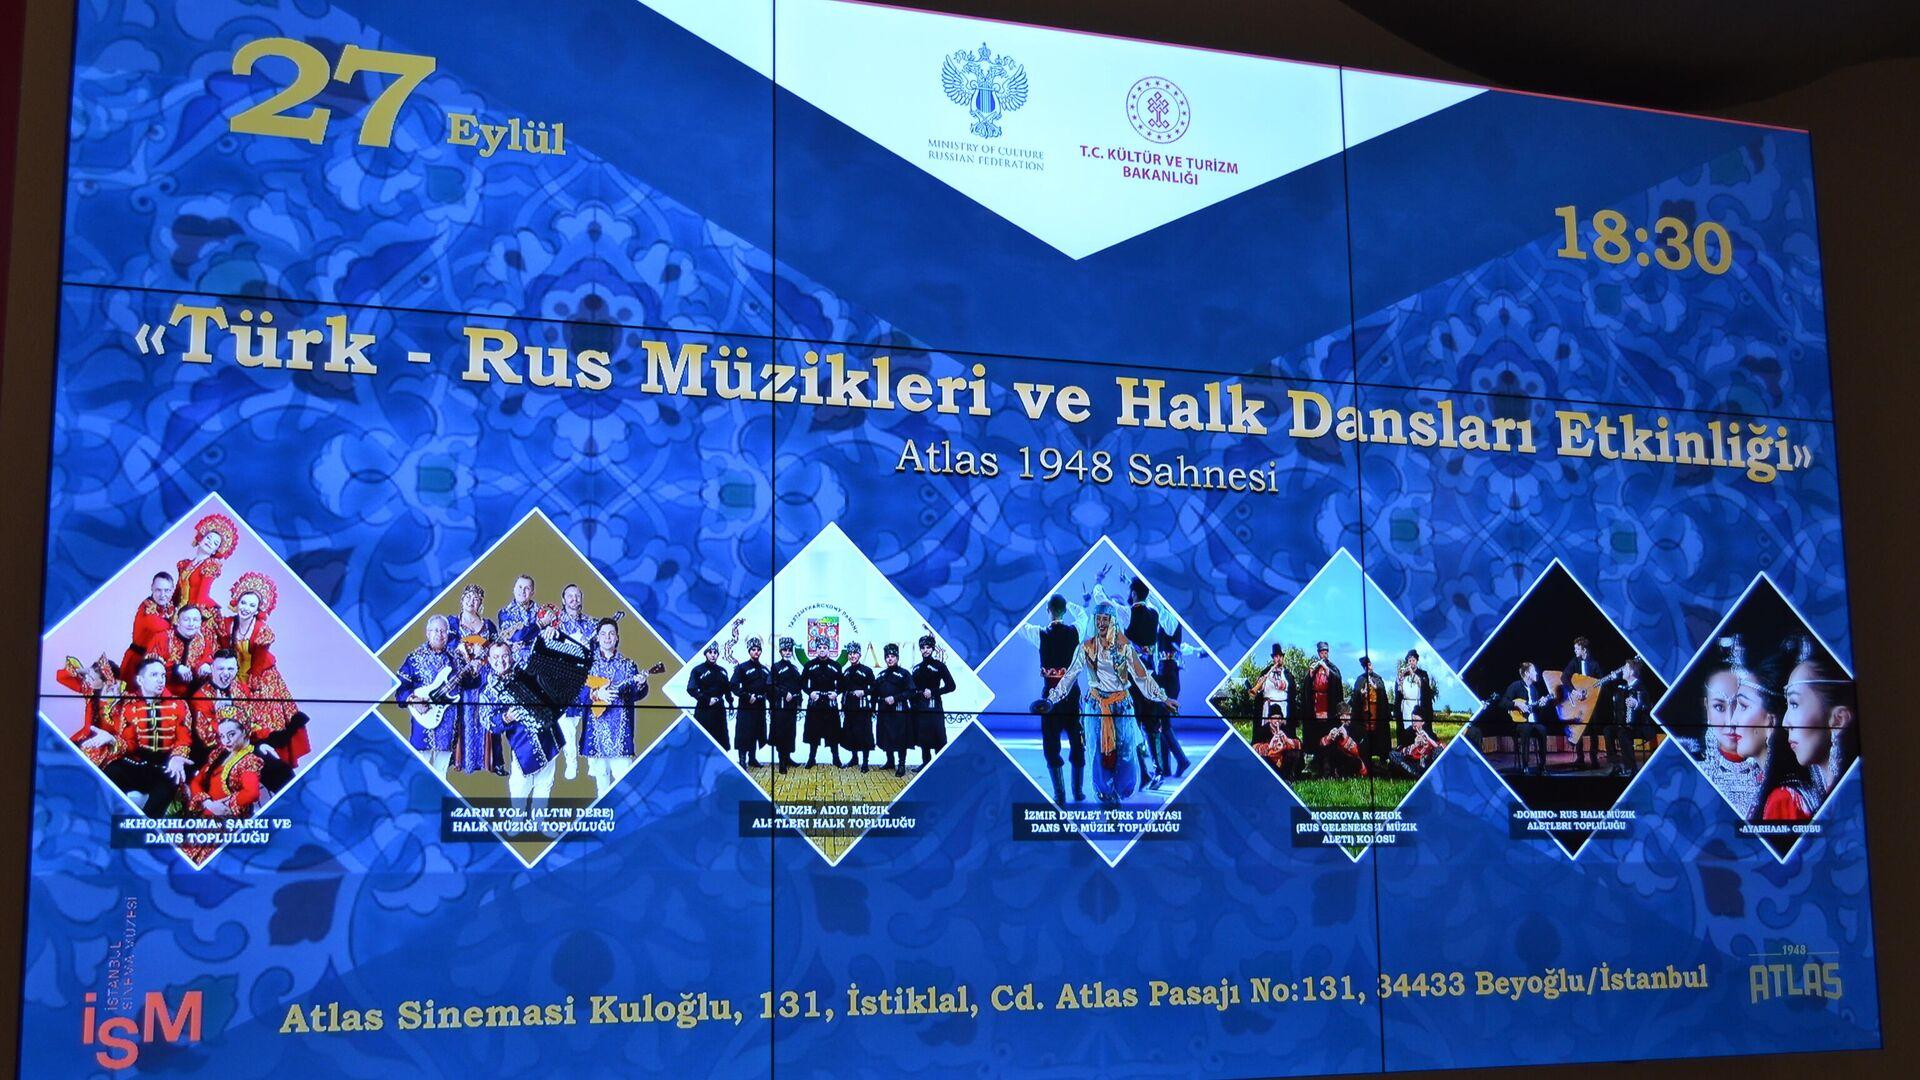 Rusya ile Türkiye arasında kültürler arası diyalog konulu yuvarlak masa toplantısı. - Sputnik Türkiye, 1920, 28.09.2021